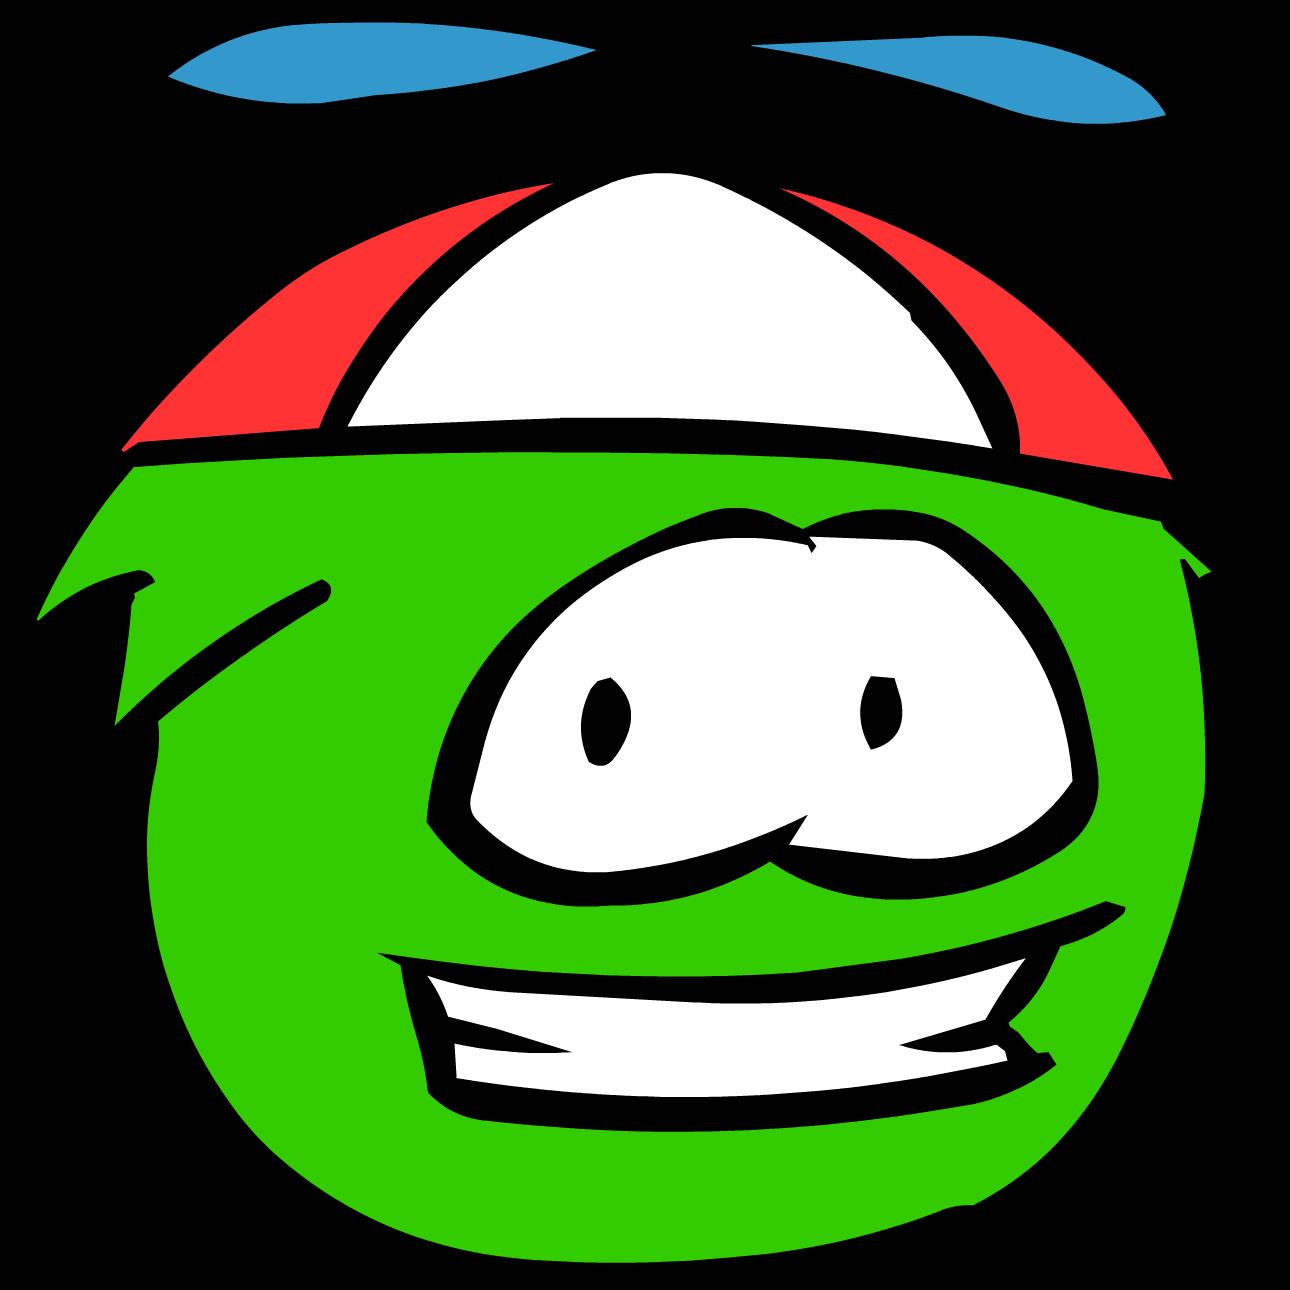 Cornelius | Club Penguin Wiki | FANDOM powered by Wikia